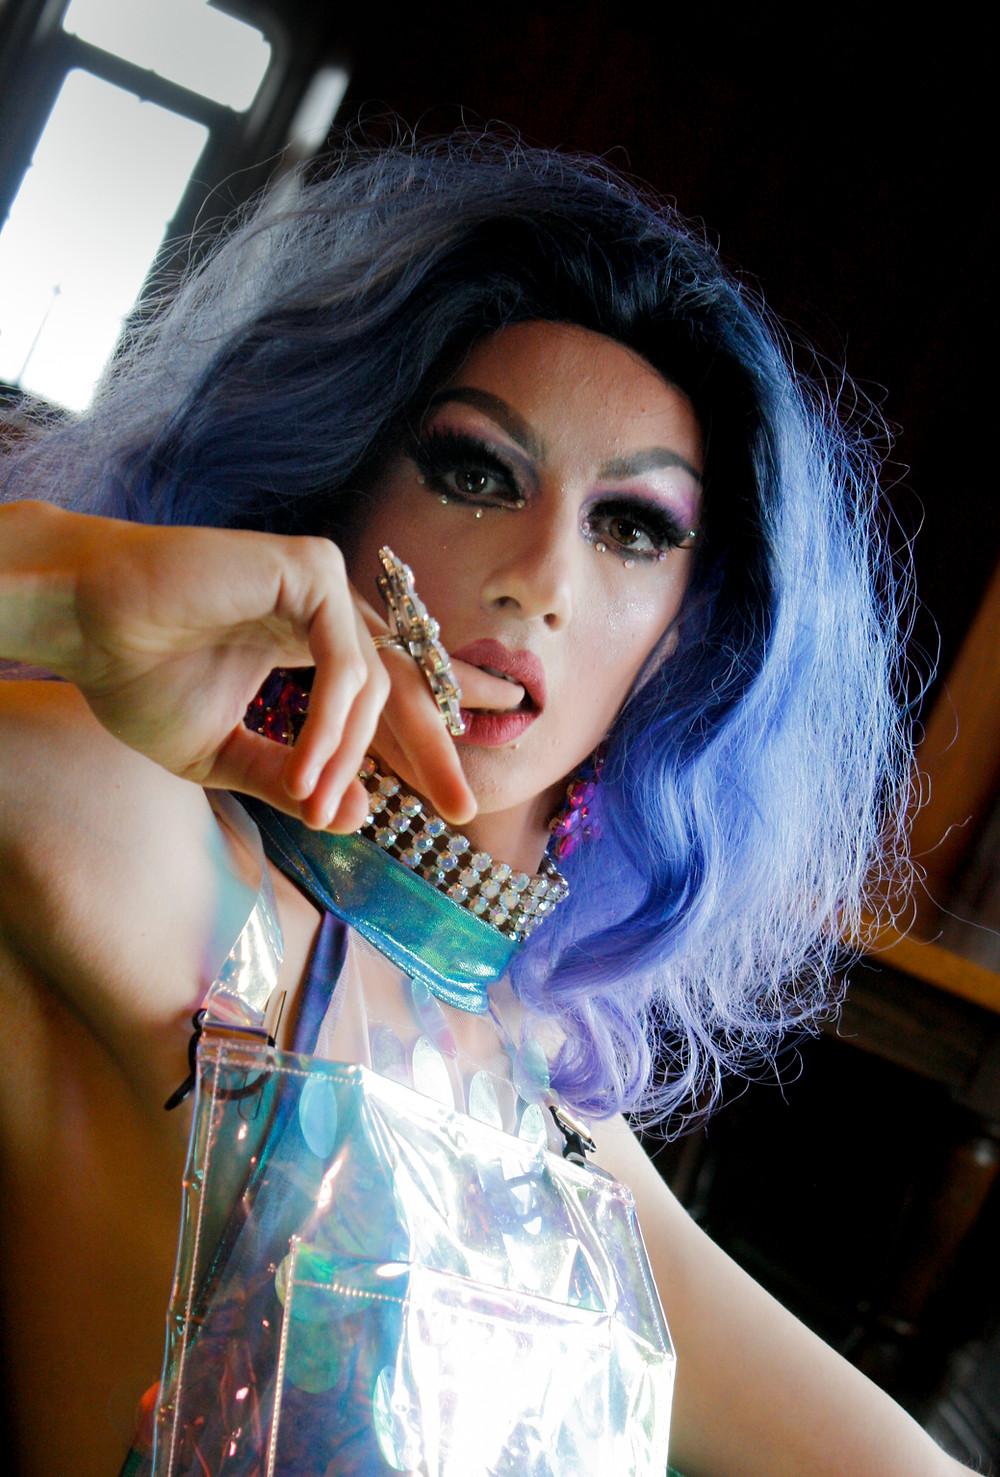 Drag Queen, Bloomington, Blue hair, SEASON photo shoot